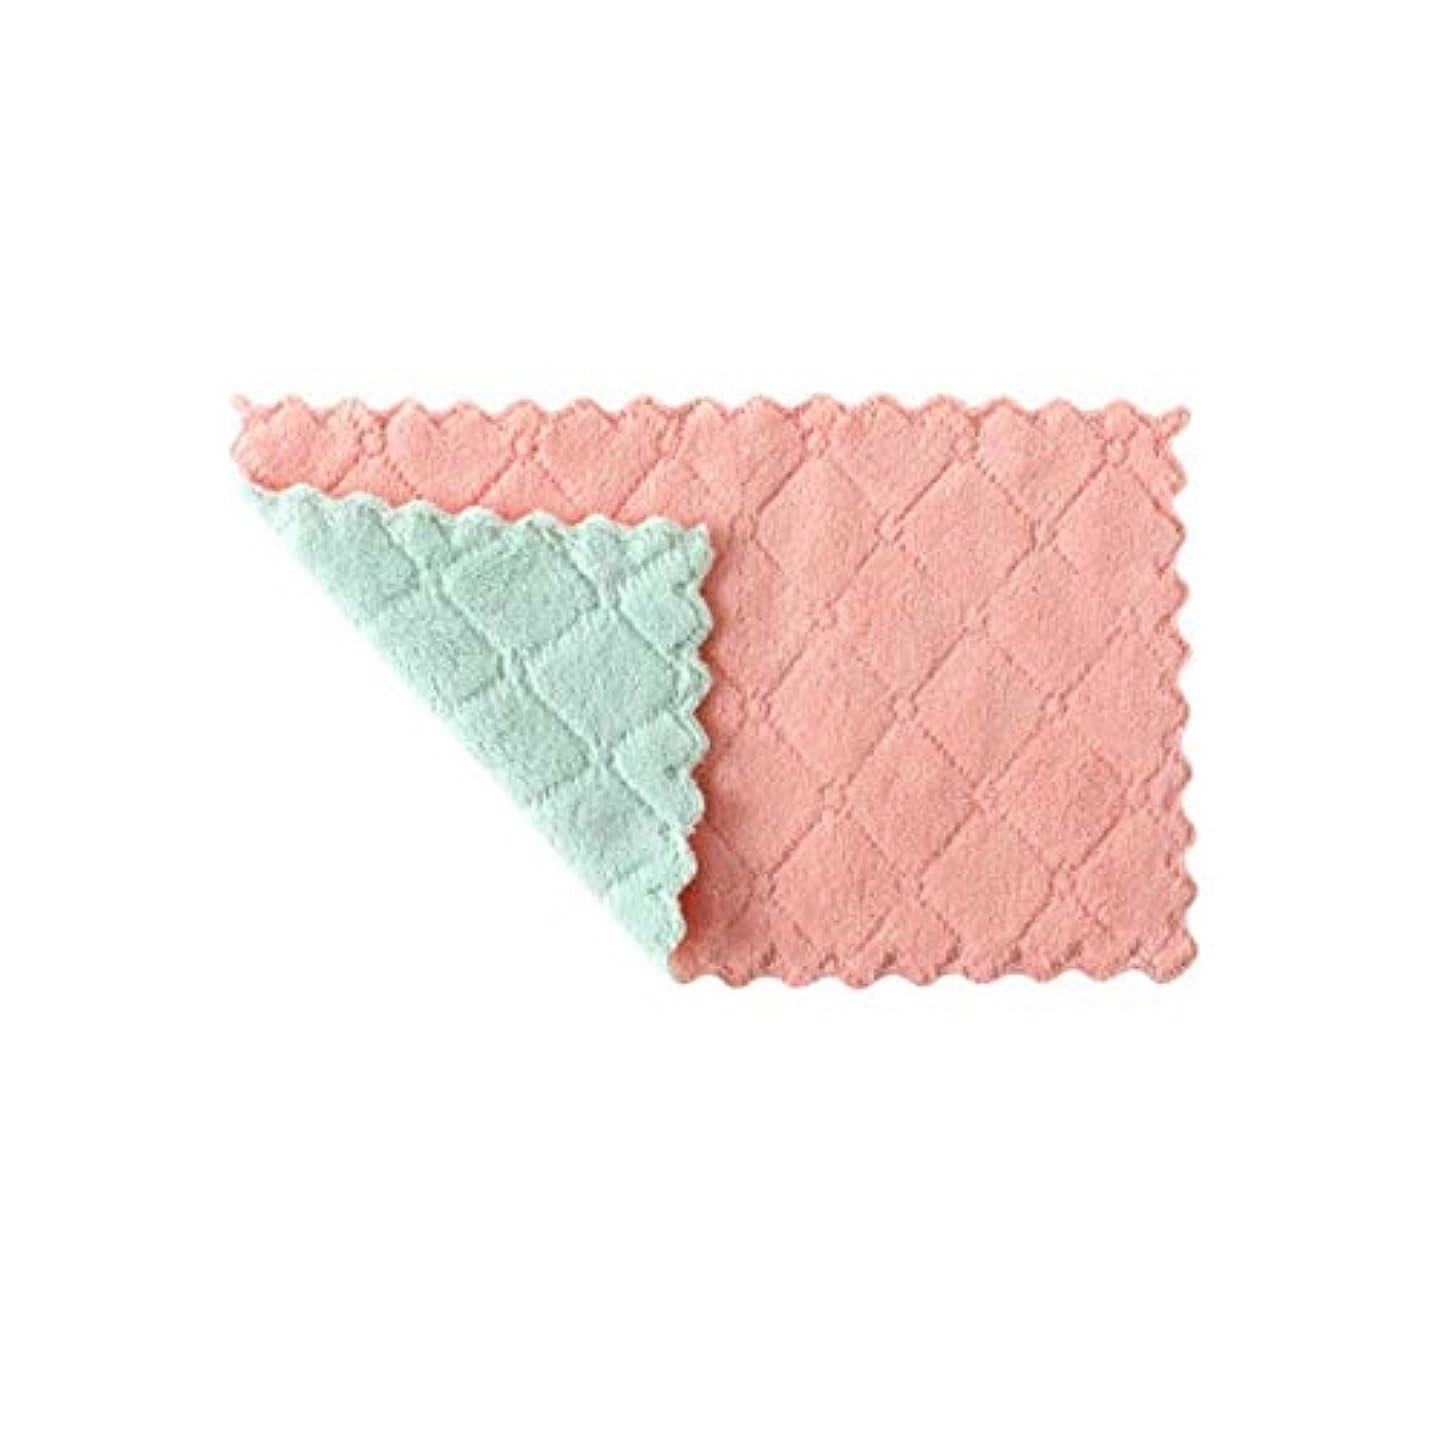 割り当てより多い粘着性ホーム&キッチン 3ピース家庭用キッチンタオル吸収厚い二重層マイクロファイバーワイプテーブルキッチンタオルクリーニング皿洗い布 クリーニング用品 (色 : Pink Green)